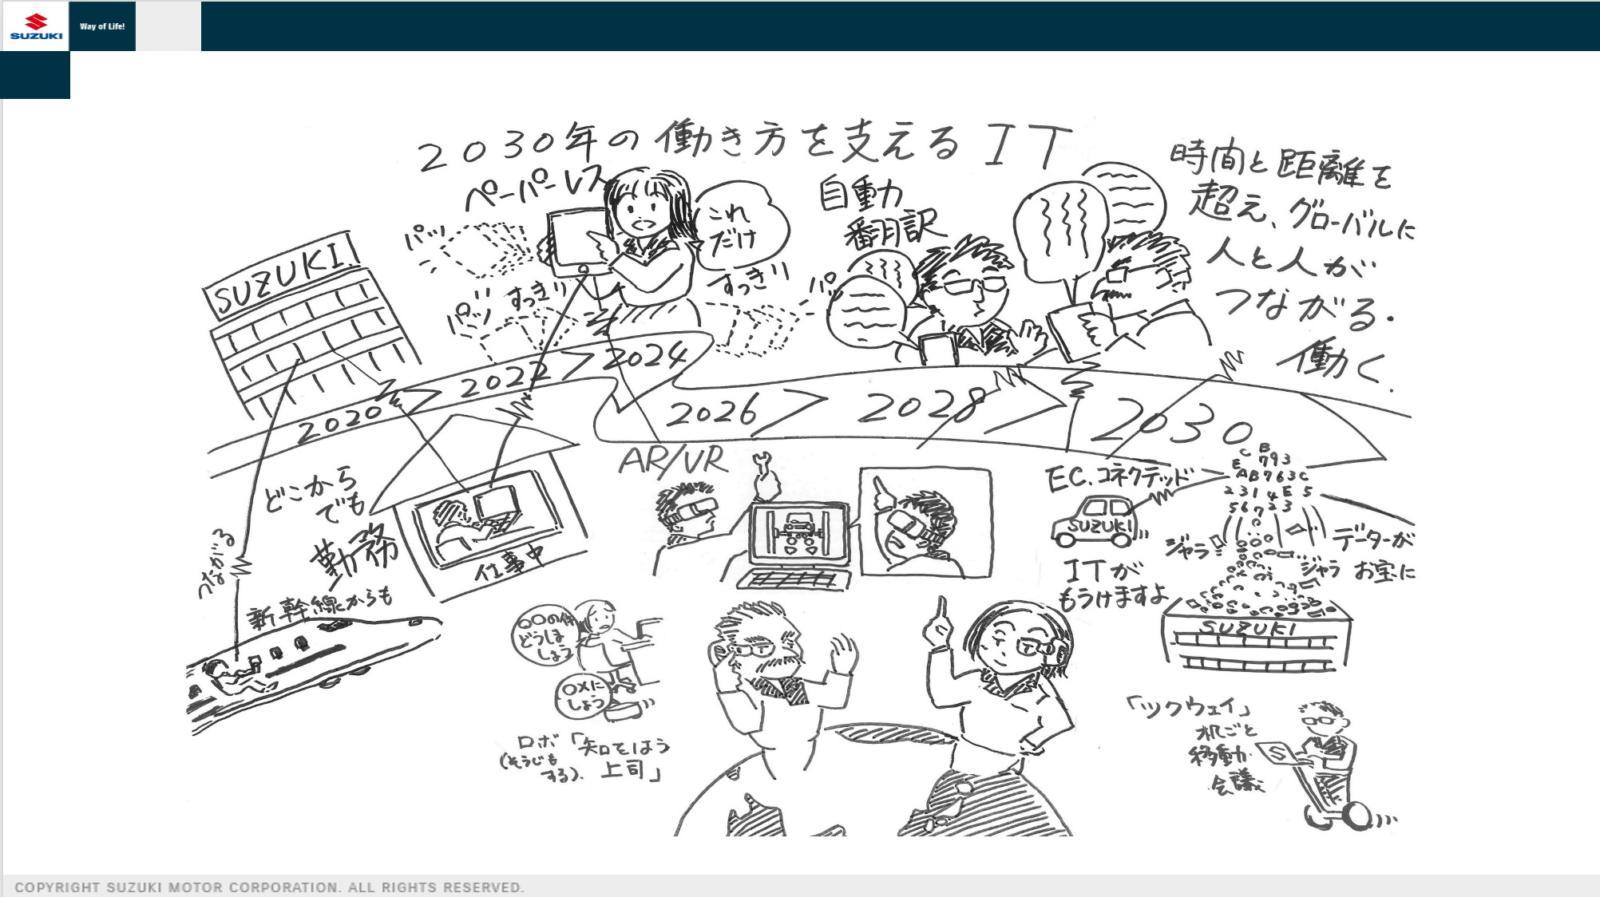 SUZUKI様_2030年の働き方を変えるIT